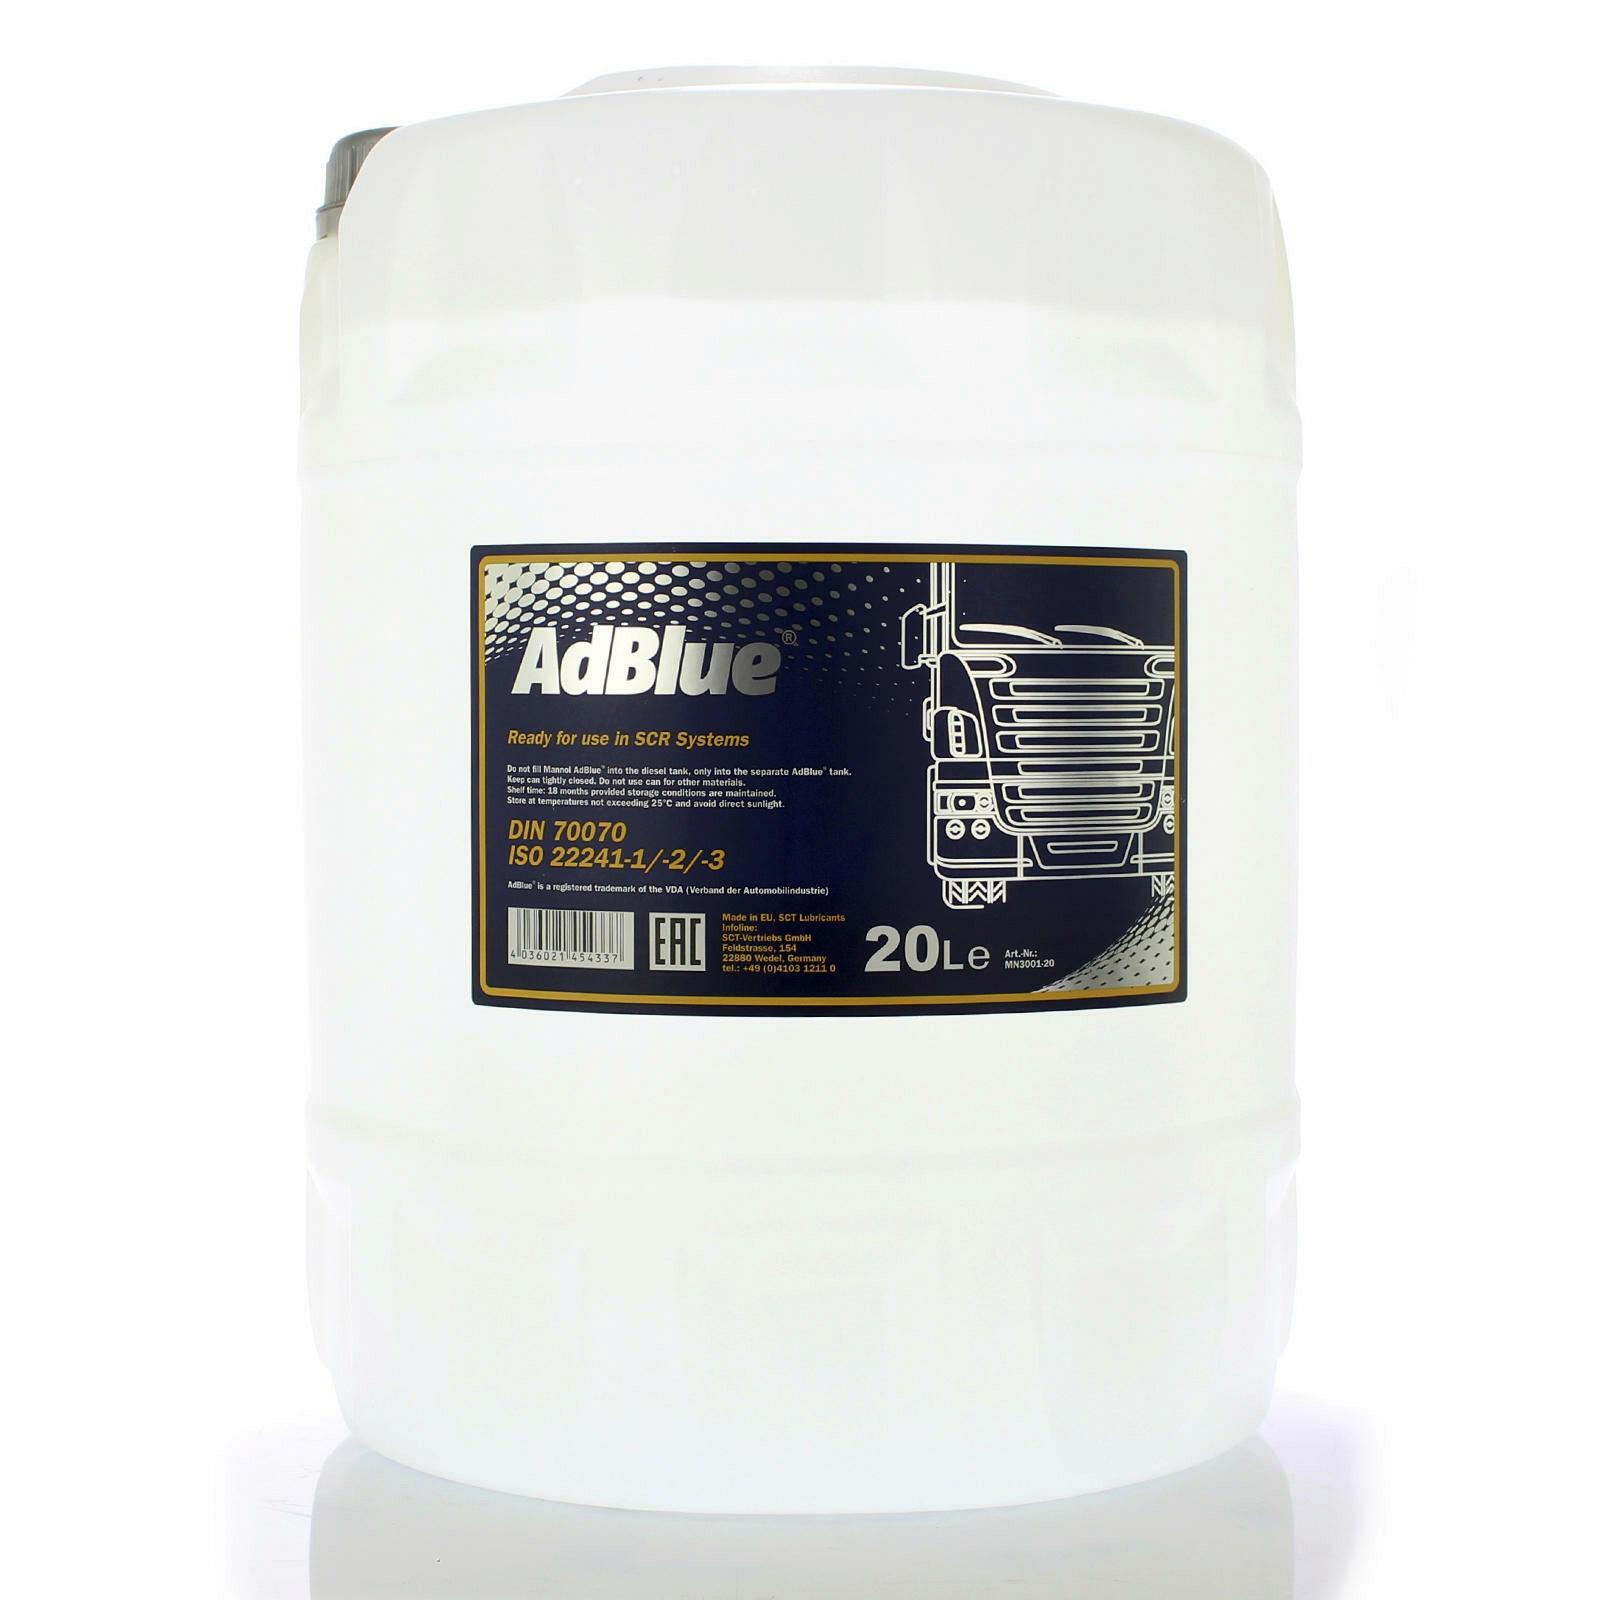 ADBLUE Dieseladditiv AD BLUE 20L